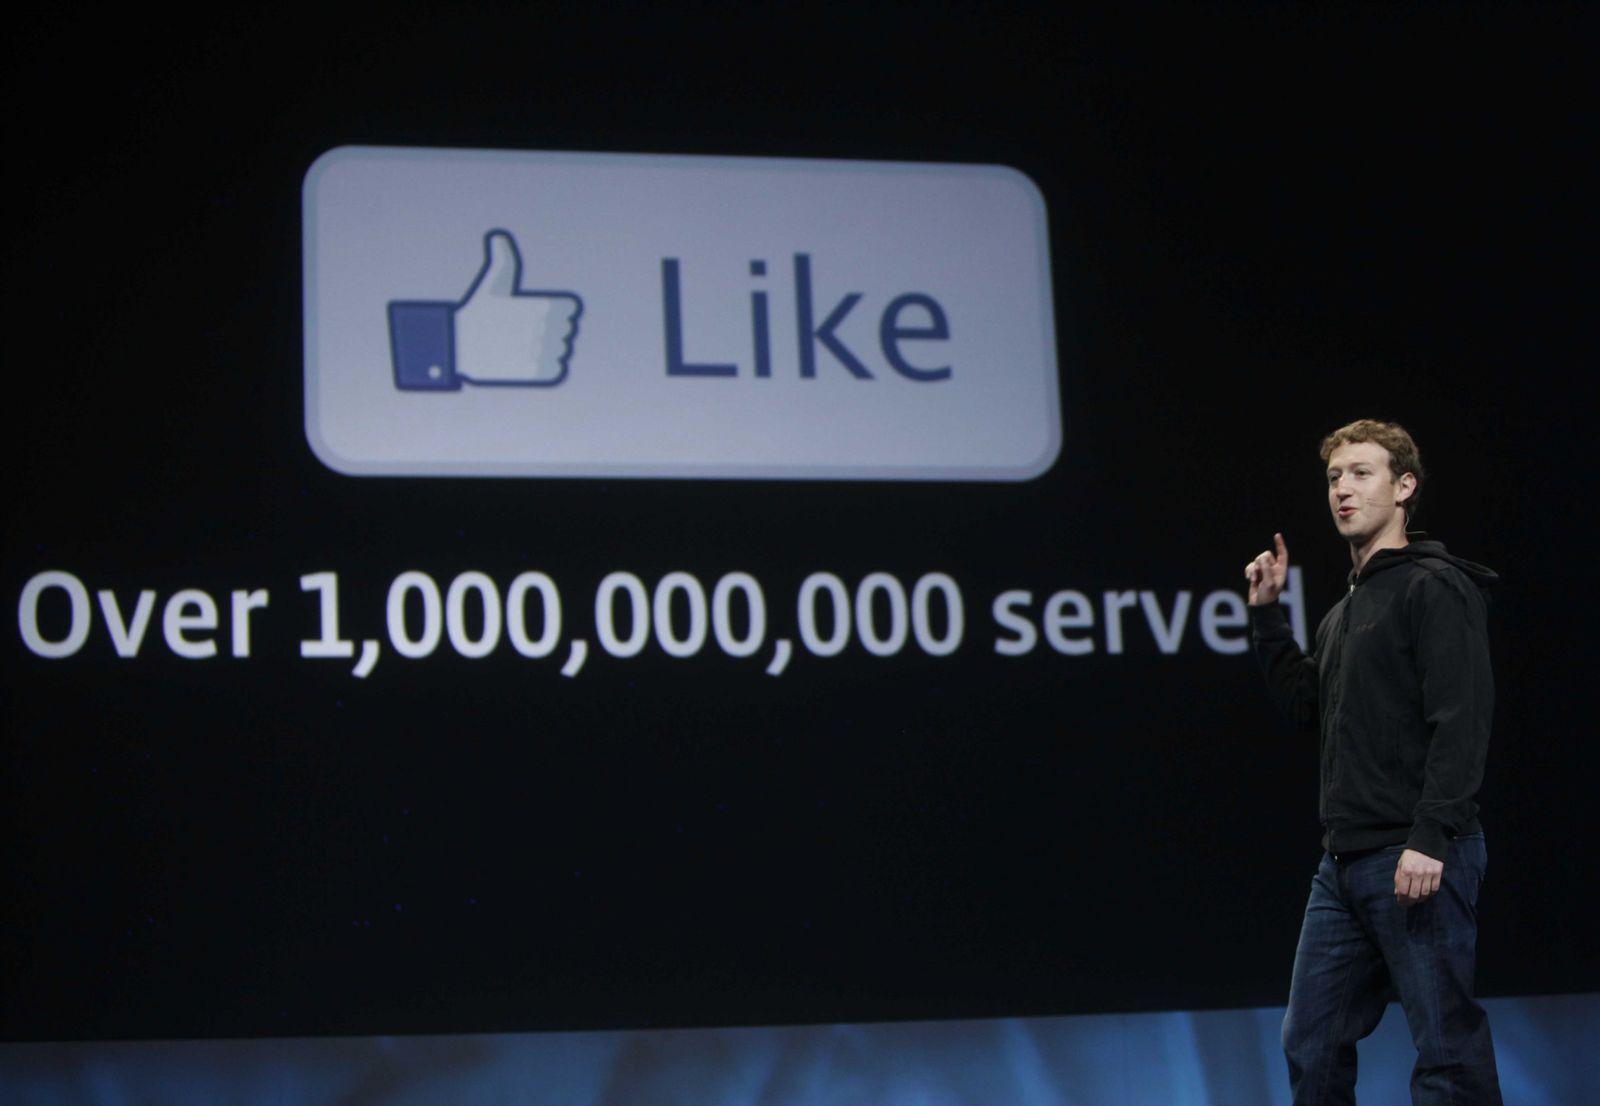 NICHT MEHR VERWENDEN! - Zuckerberg/ Facebook/ Like Knopf